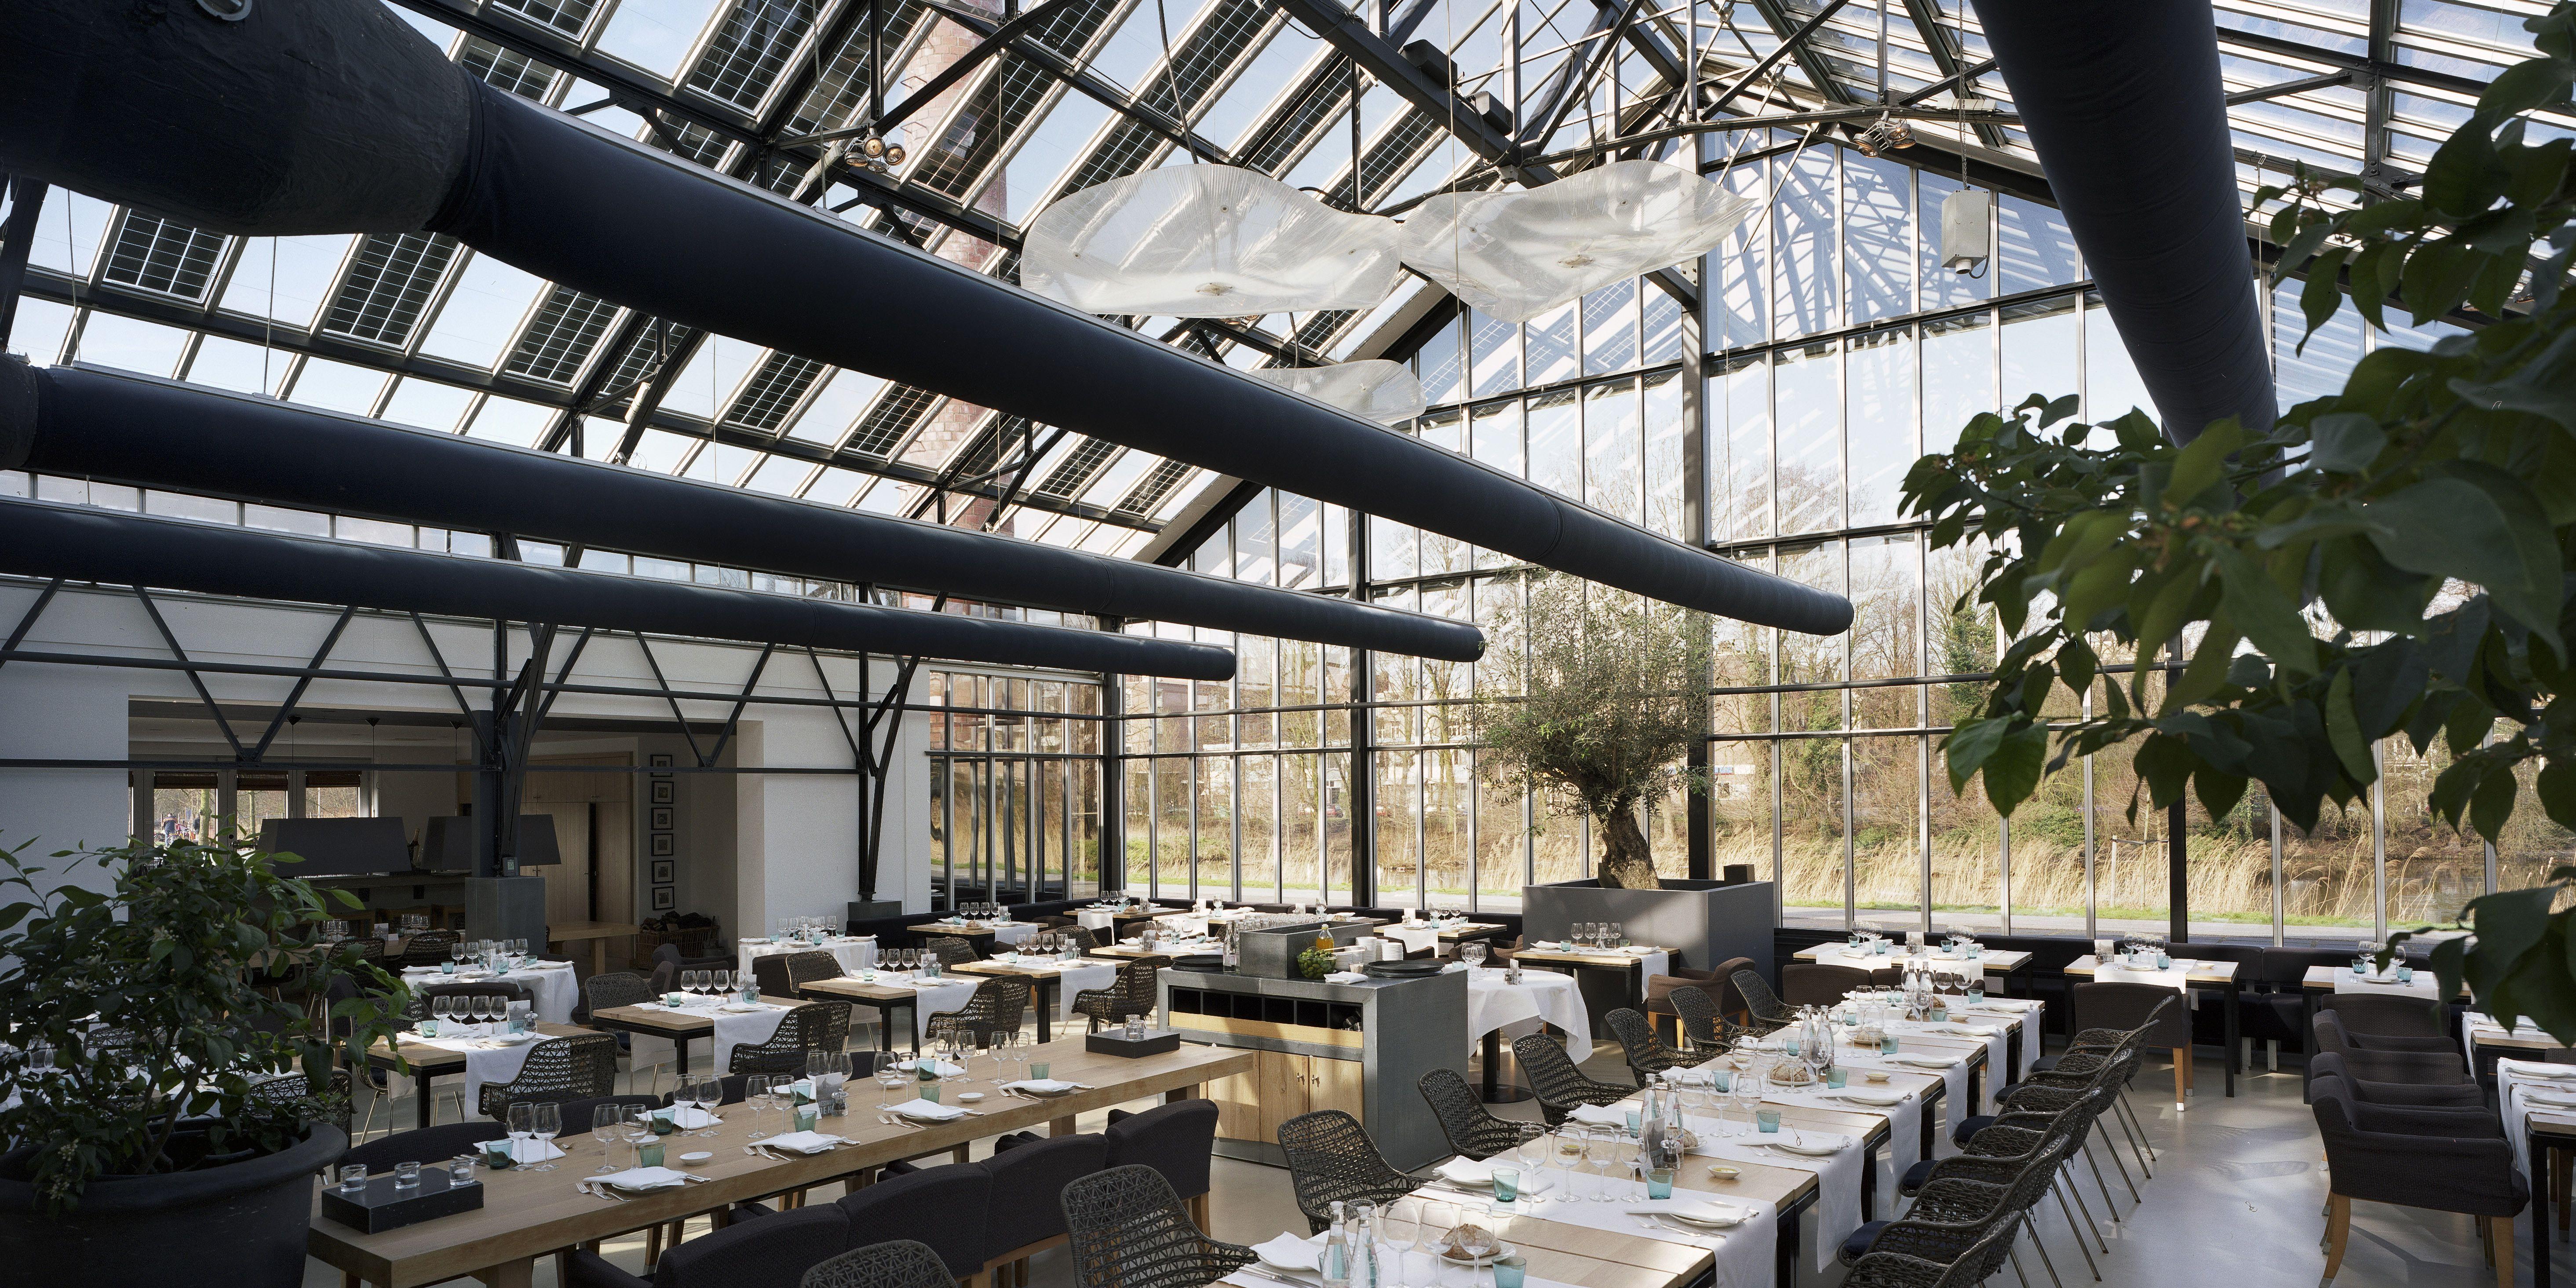 Duurzame restaurants - dit zijn de 6 favoriete duurzame restaurants van Luc Kusters